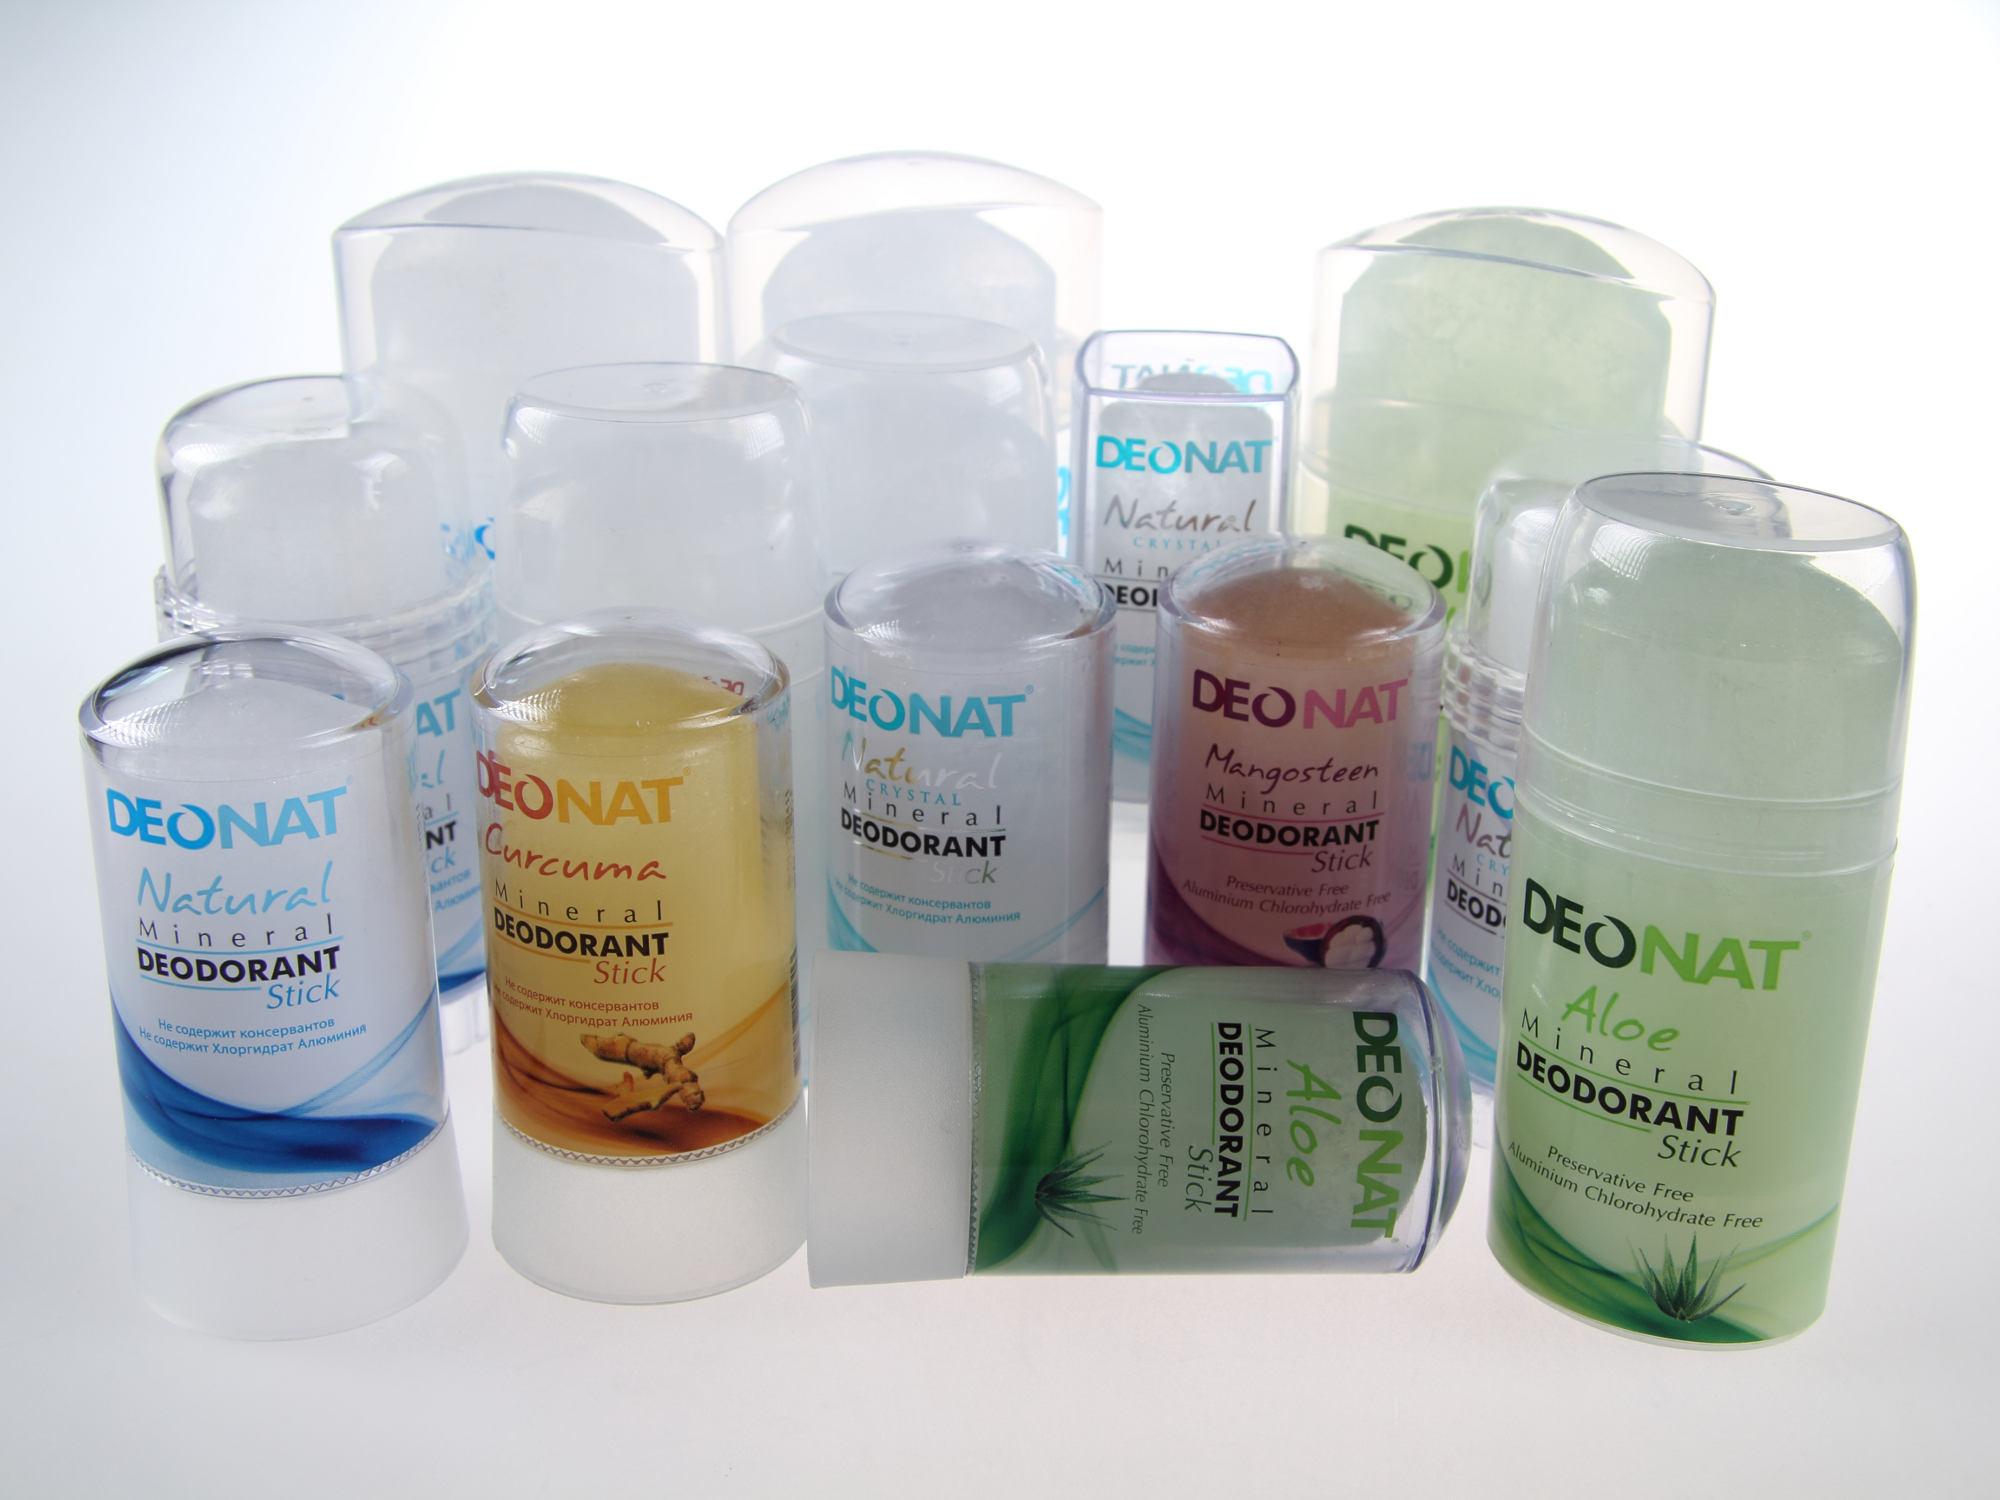 Природный дезодорант Deonat кристалл без химических добавок.